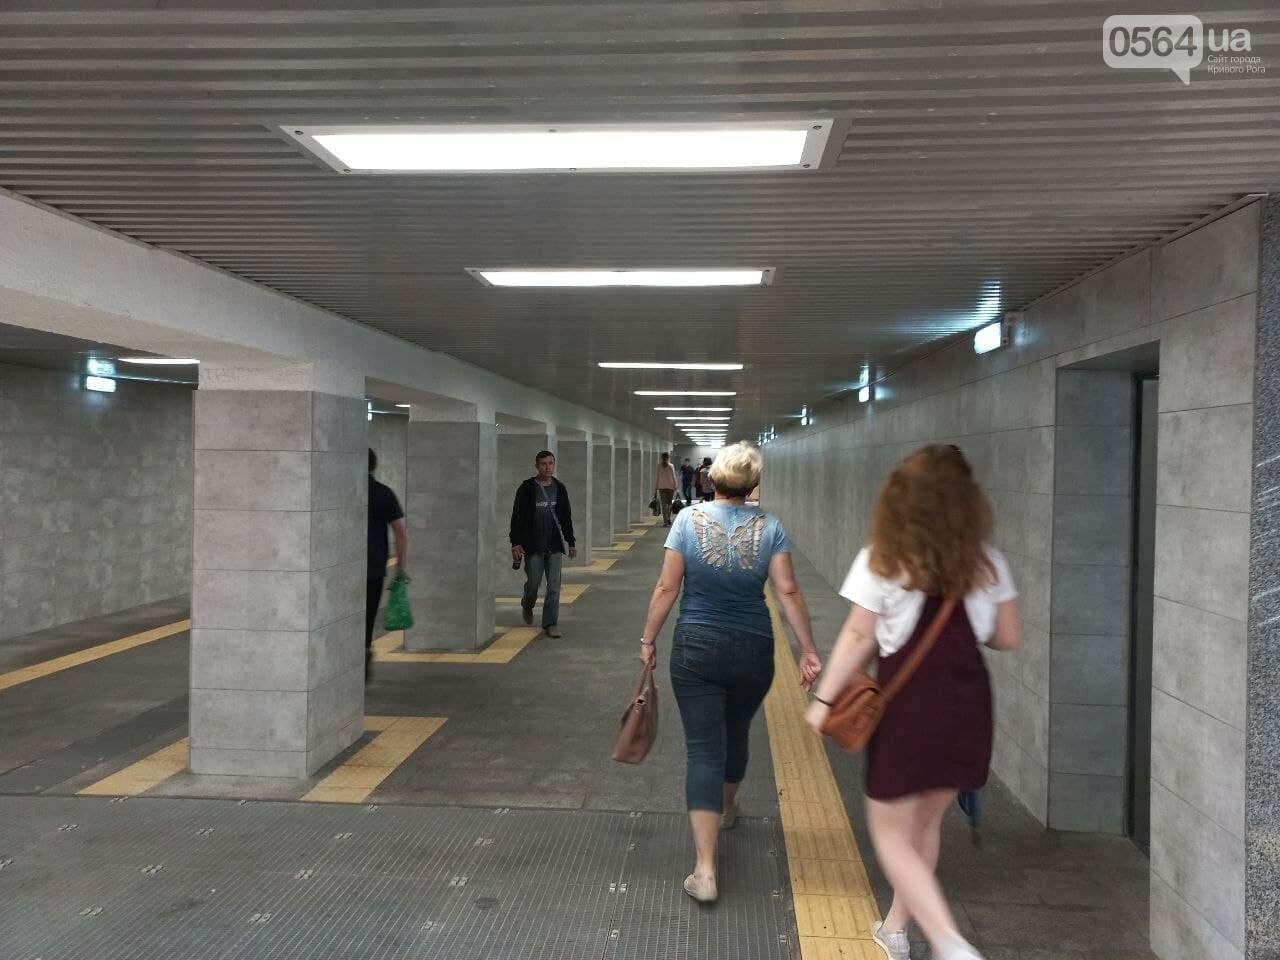 Возле Центрального рынка в Кривом Роге закрыли наземный переход и открыли подземный, - ФОТО, фото-12